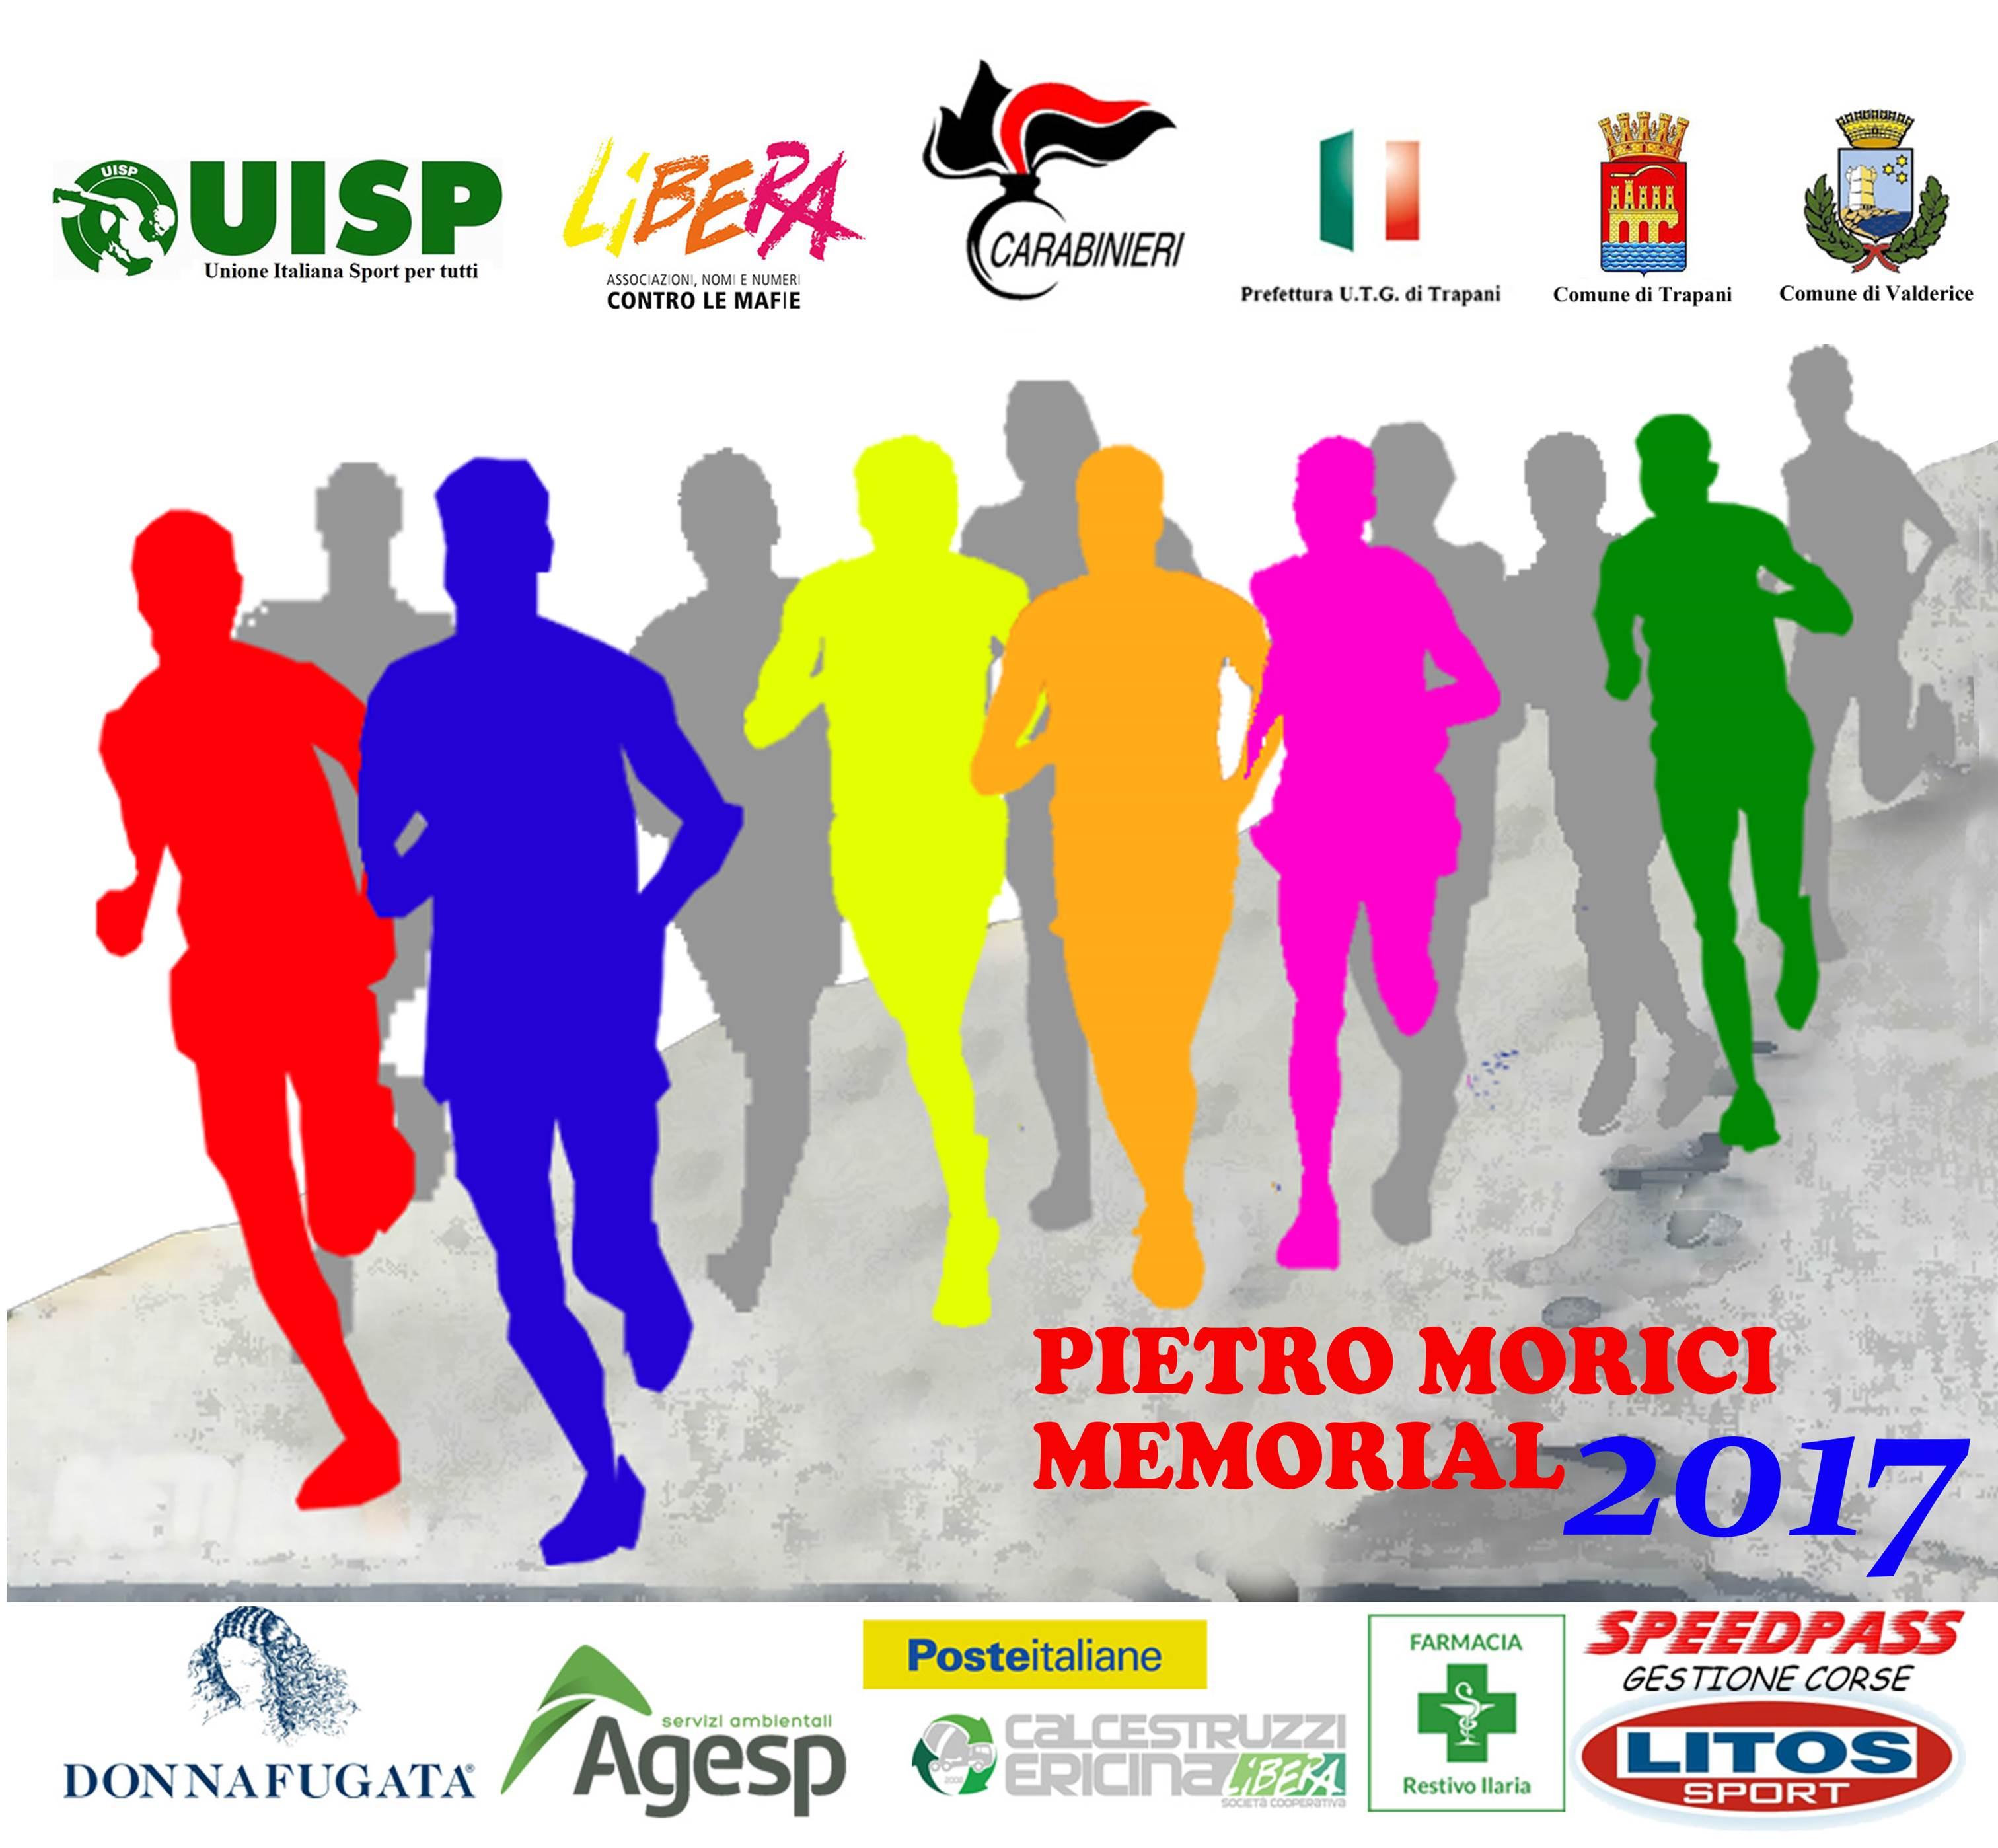 Destinati ad un'iniziativa solidale per Amatrice i fondi raccolti per il Memorial Pietro Morici